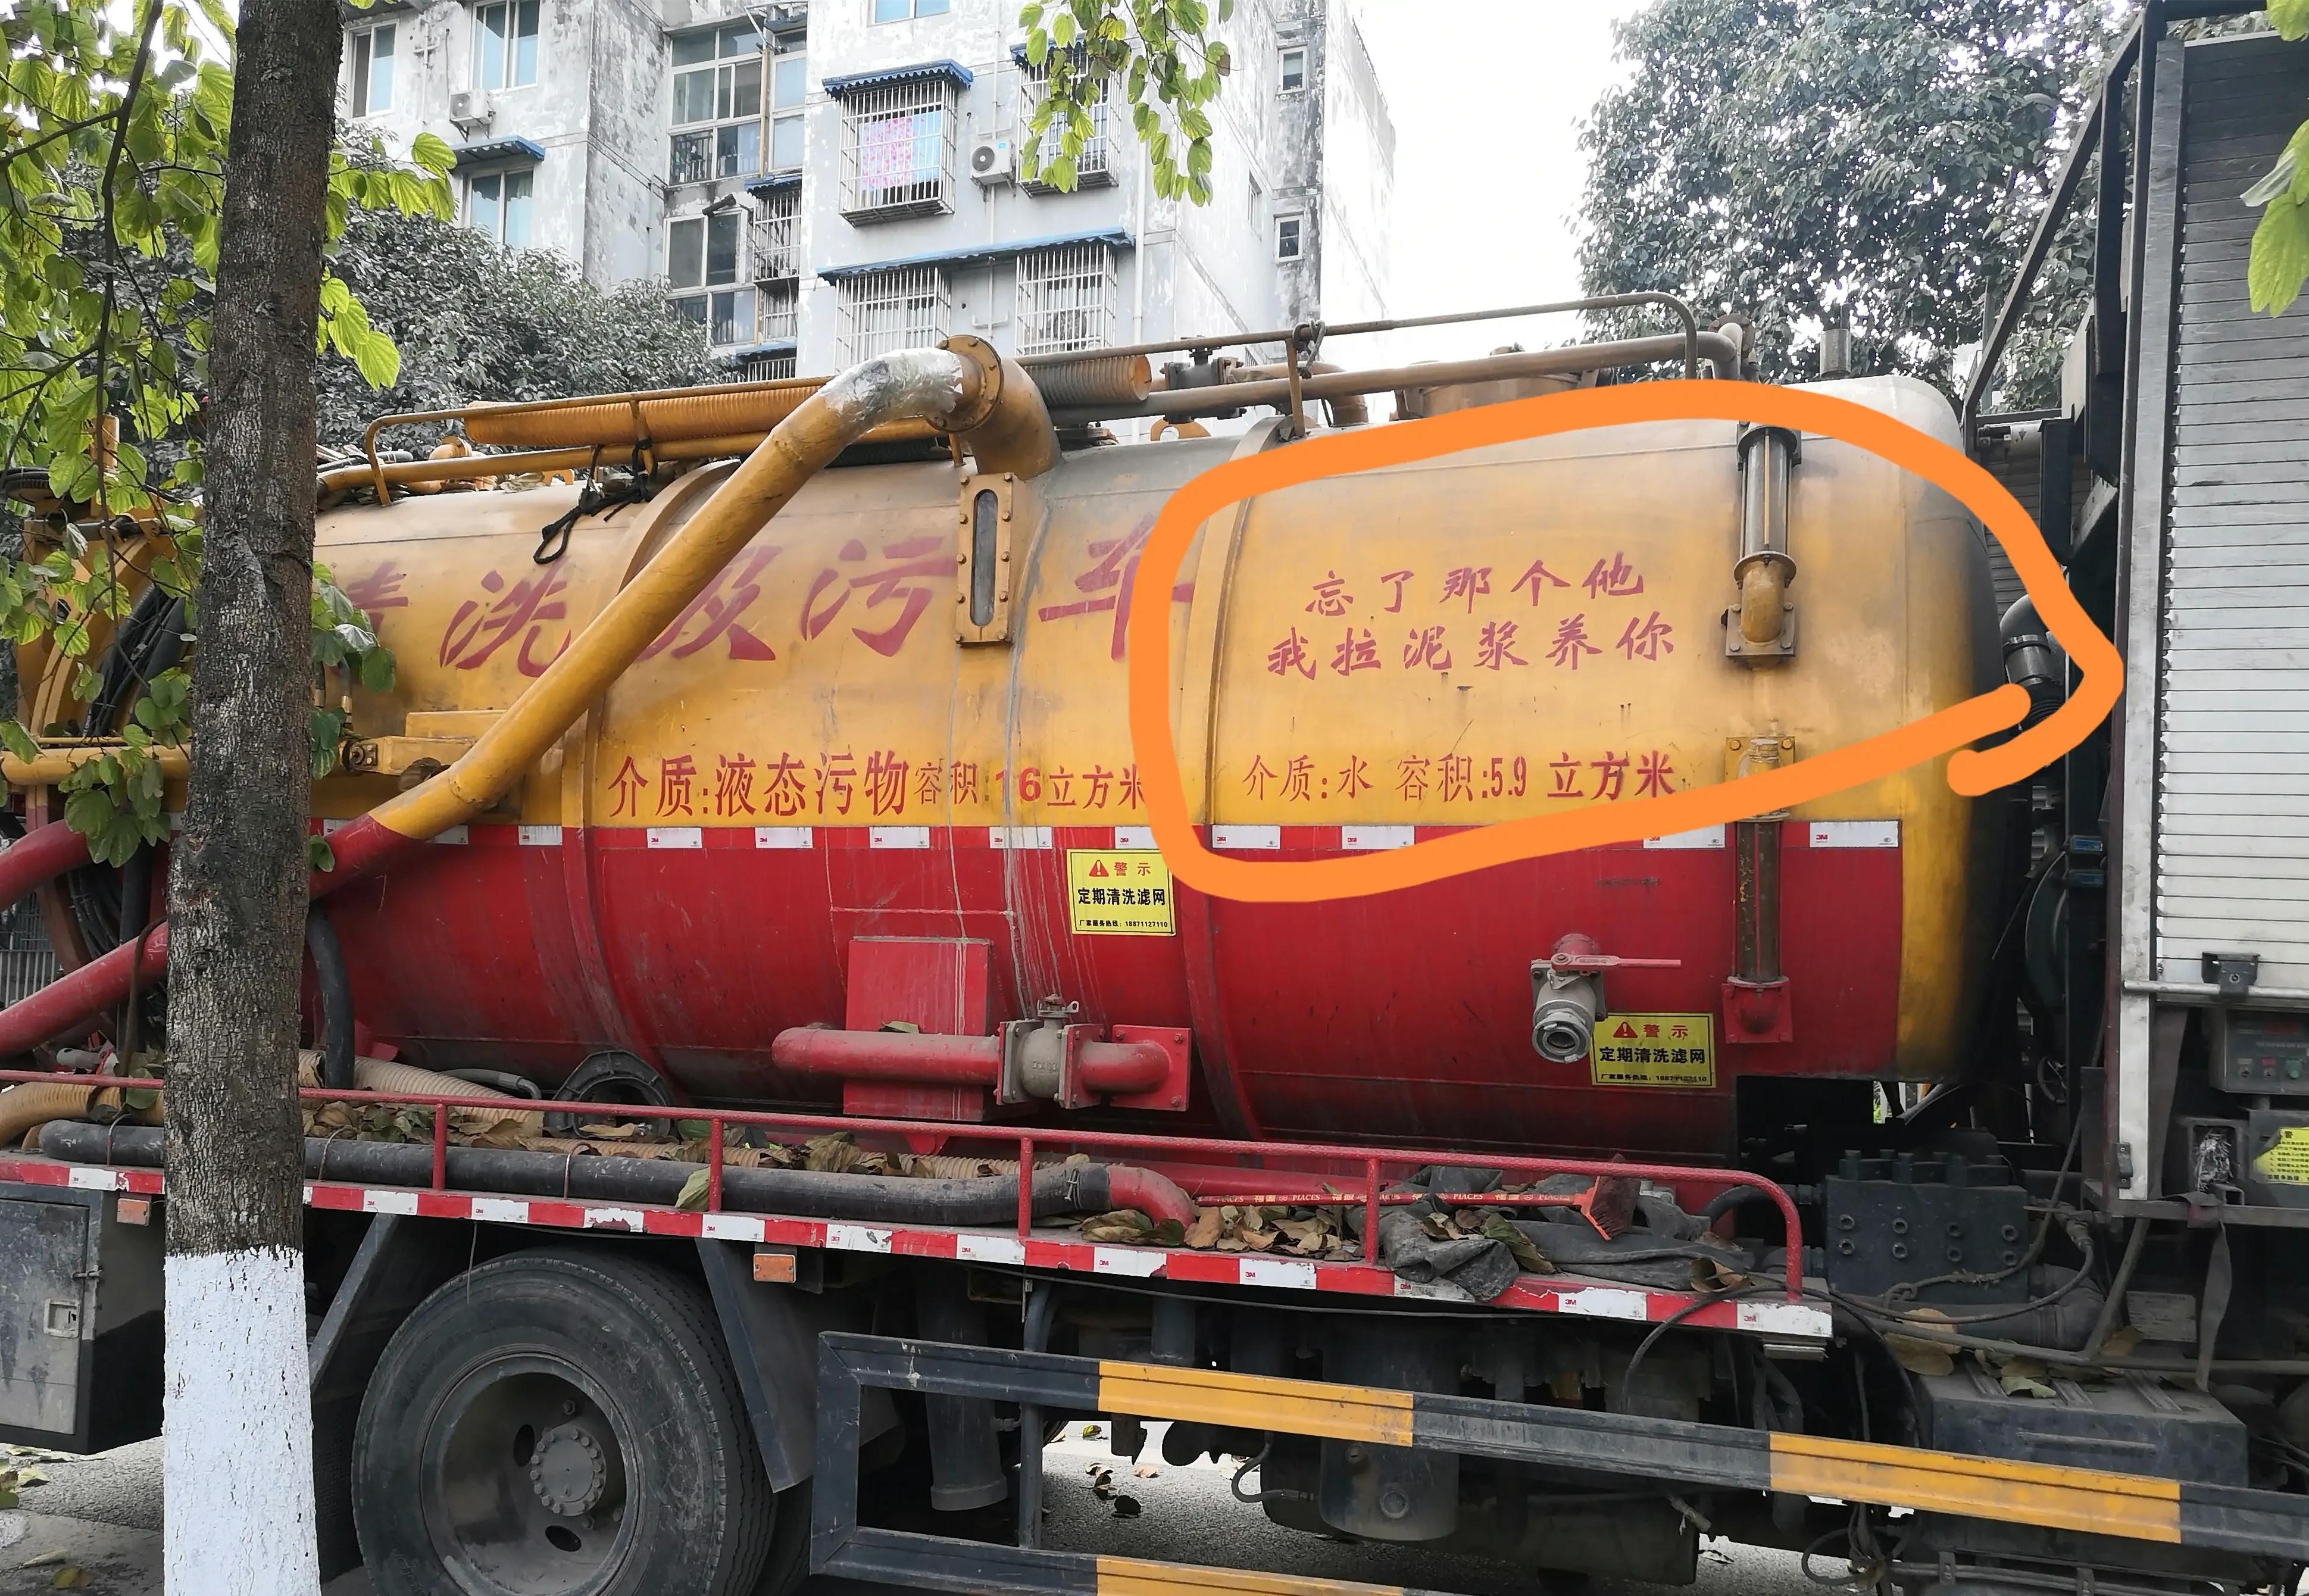 现在的清洗吸污车都这么撒娇卖萌了?